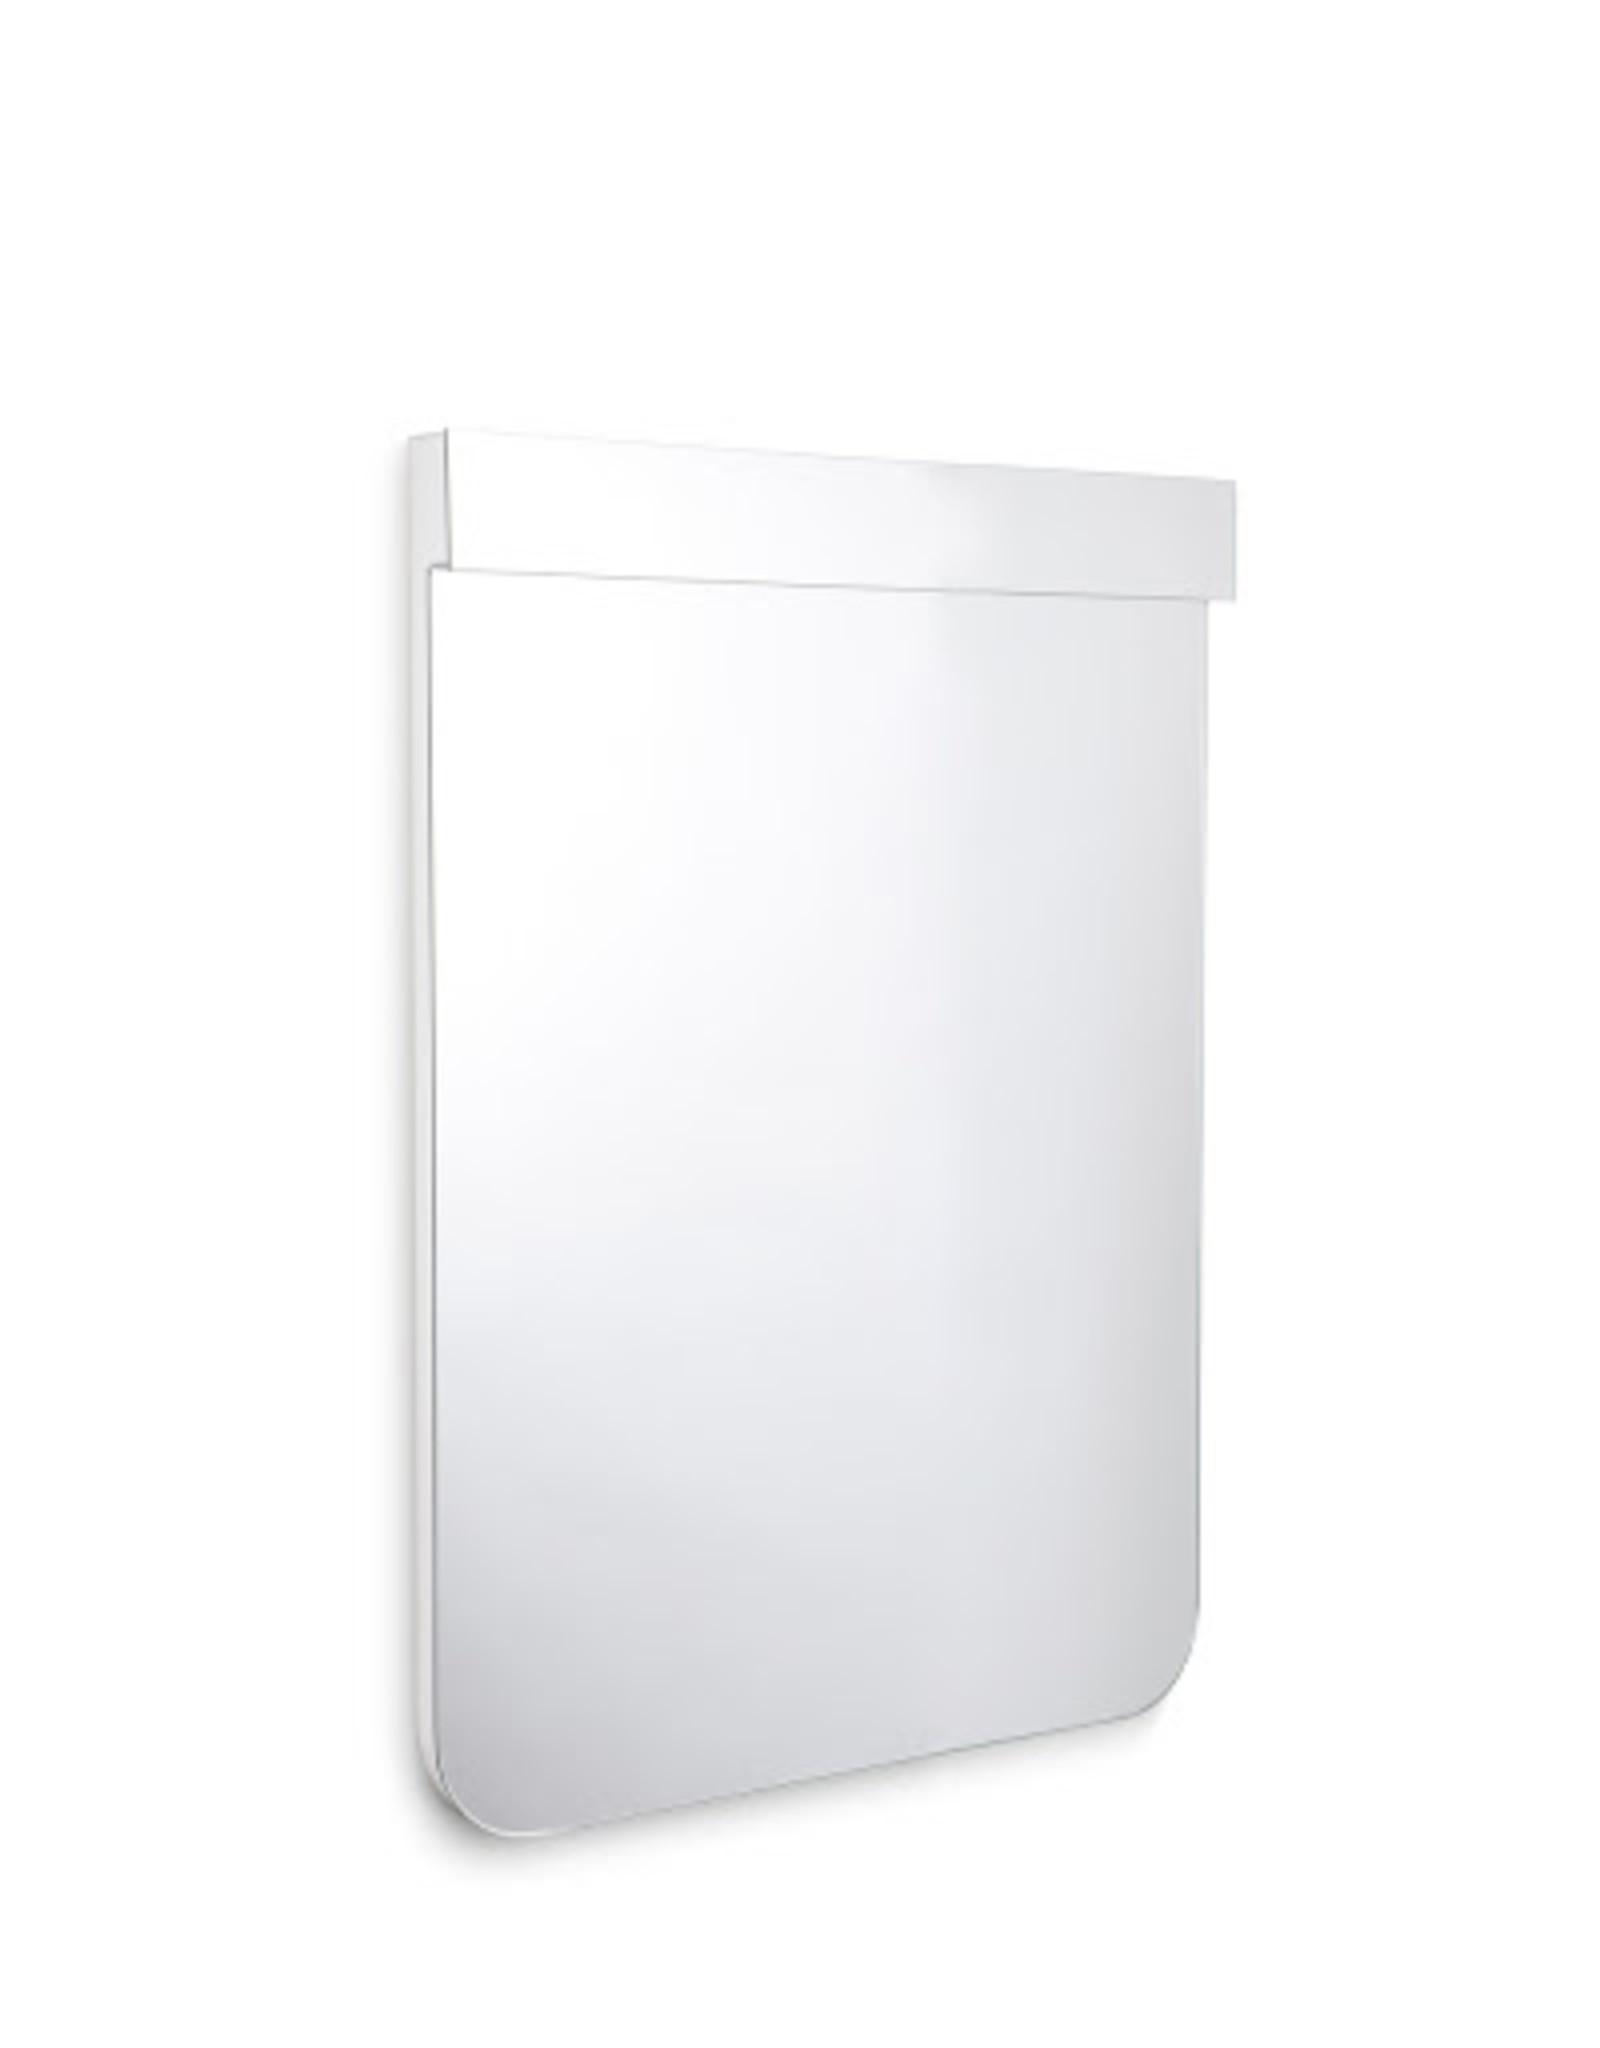 Scalin spiegel met wit frame 90cm - uitverkoop